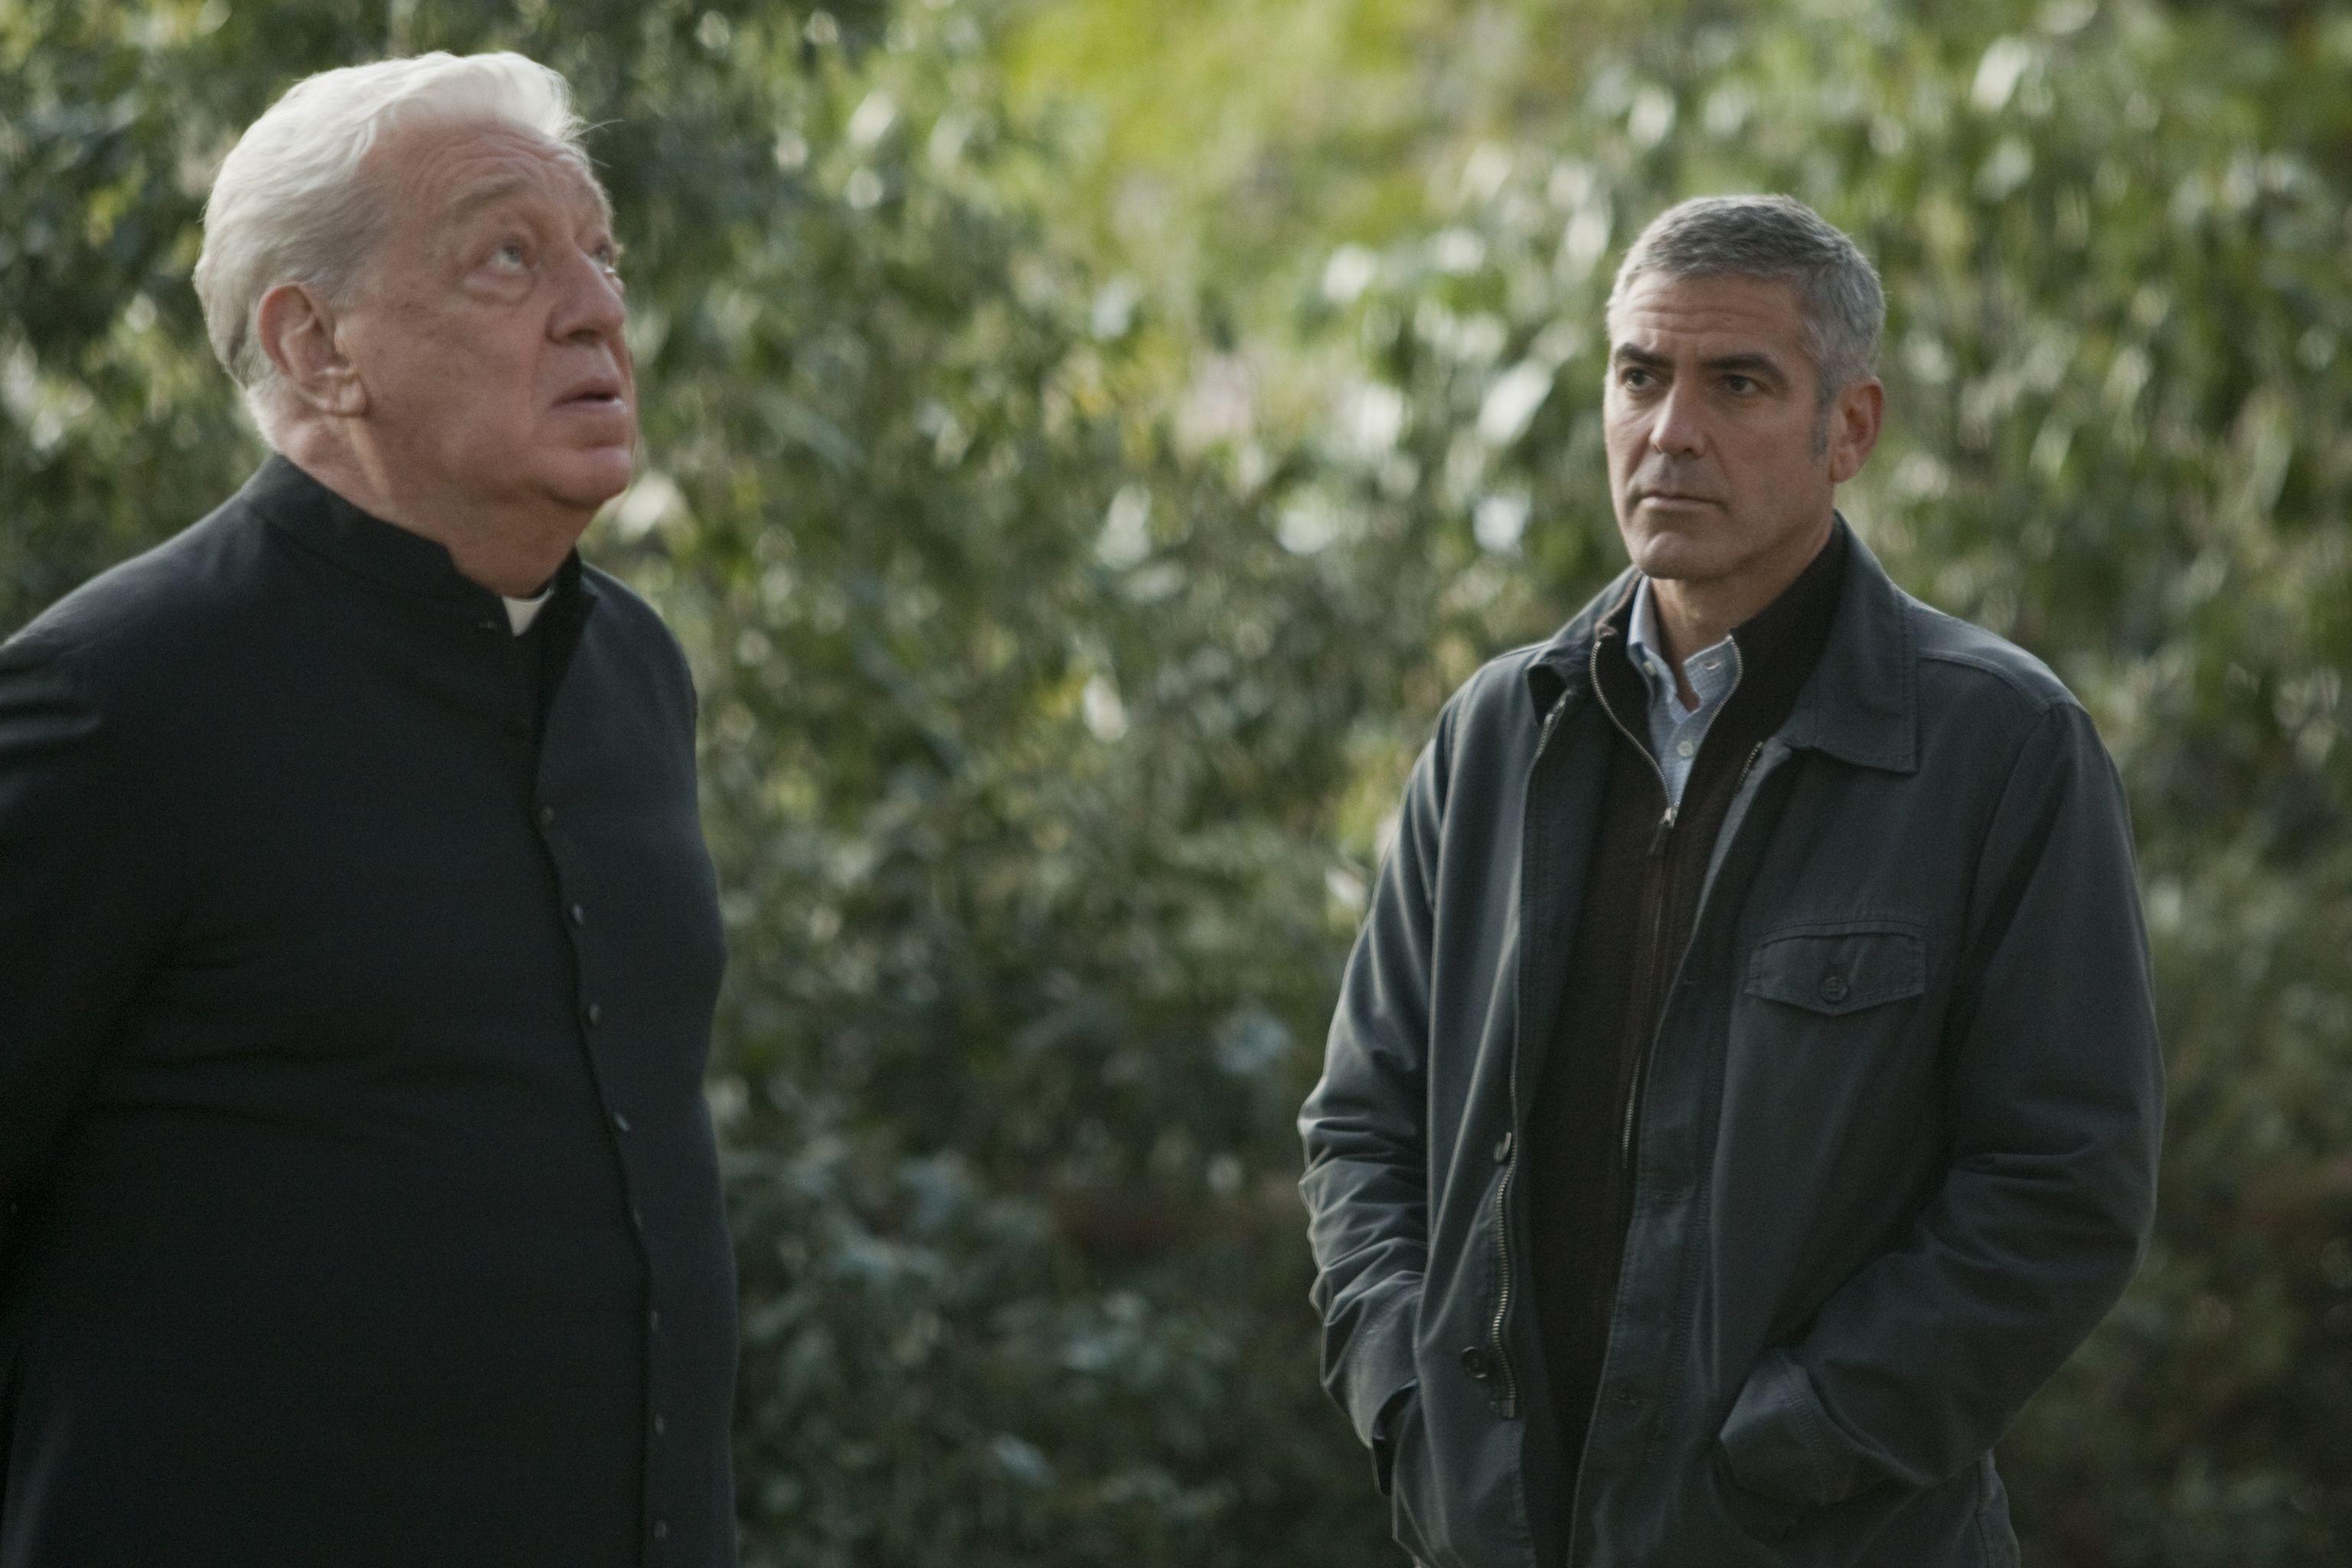 кадры из фильма Американец Паоло Боначелли, Джордж Клуни,